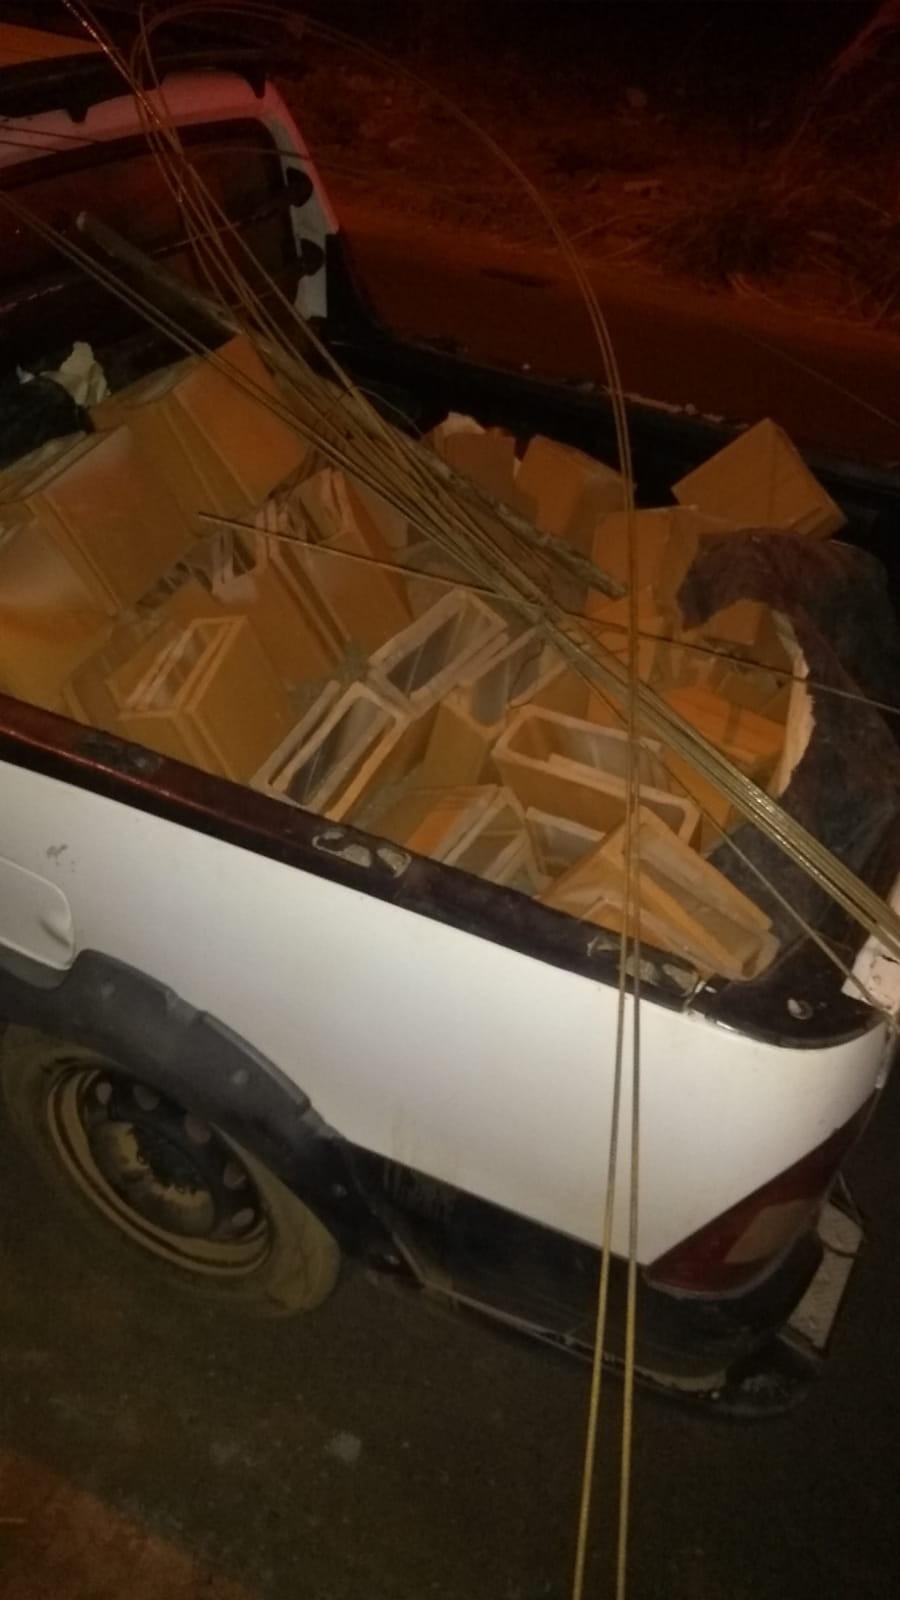 Idoso é preso por furtar materiais de construção em obra em Patrocínio